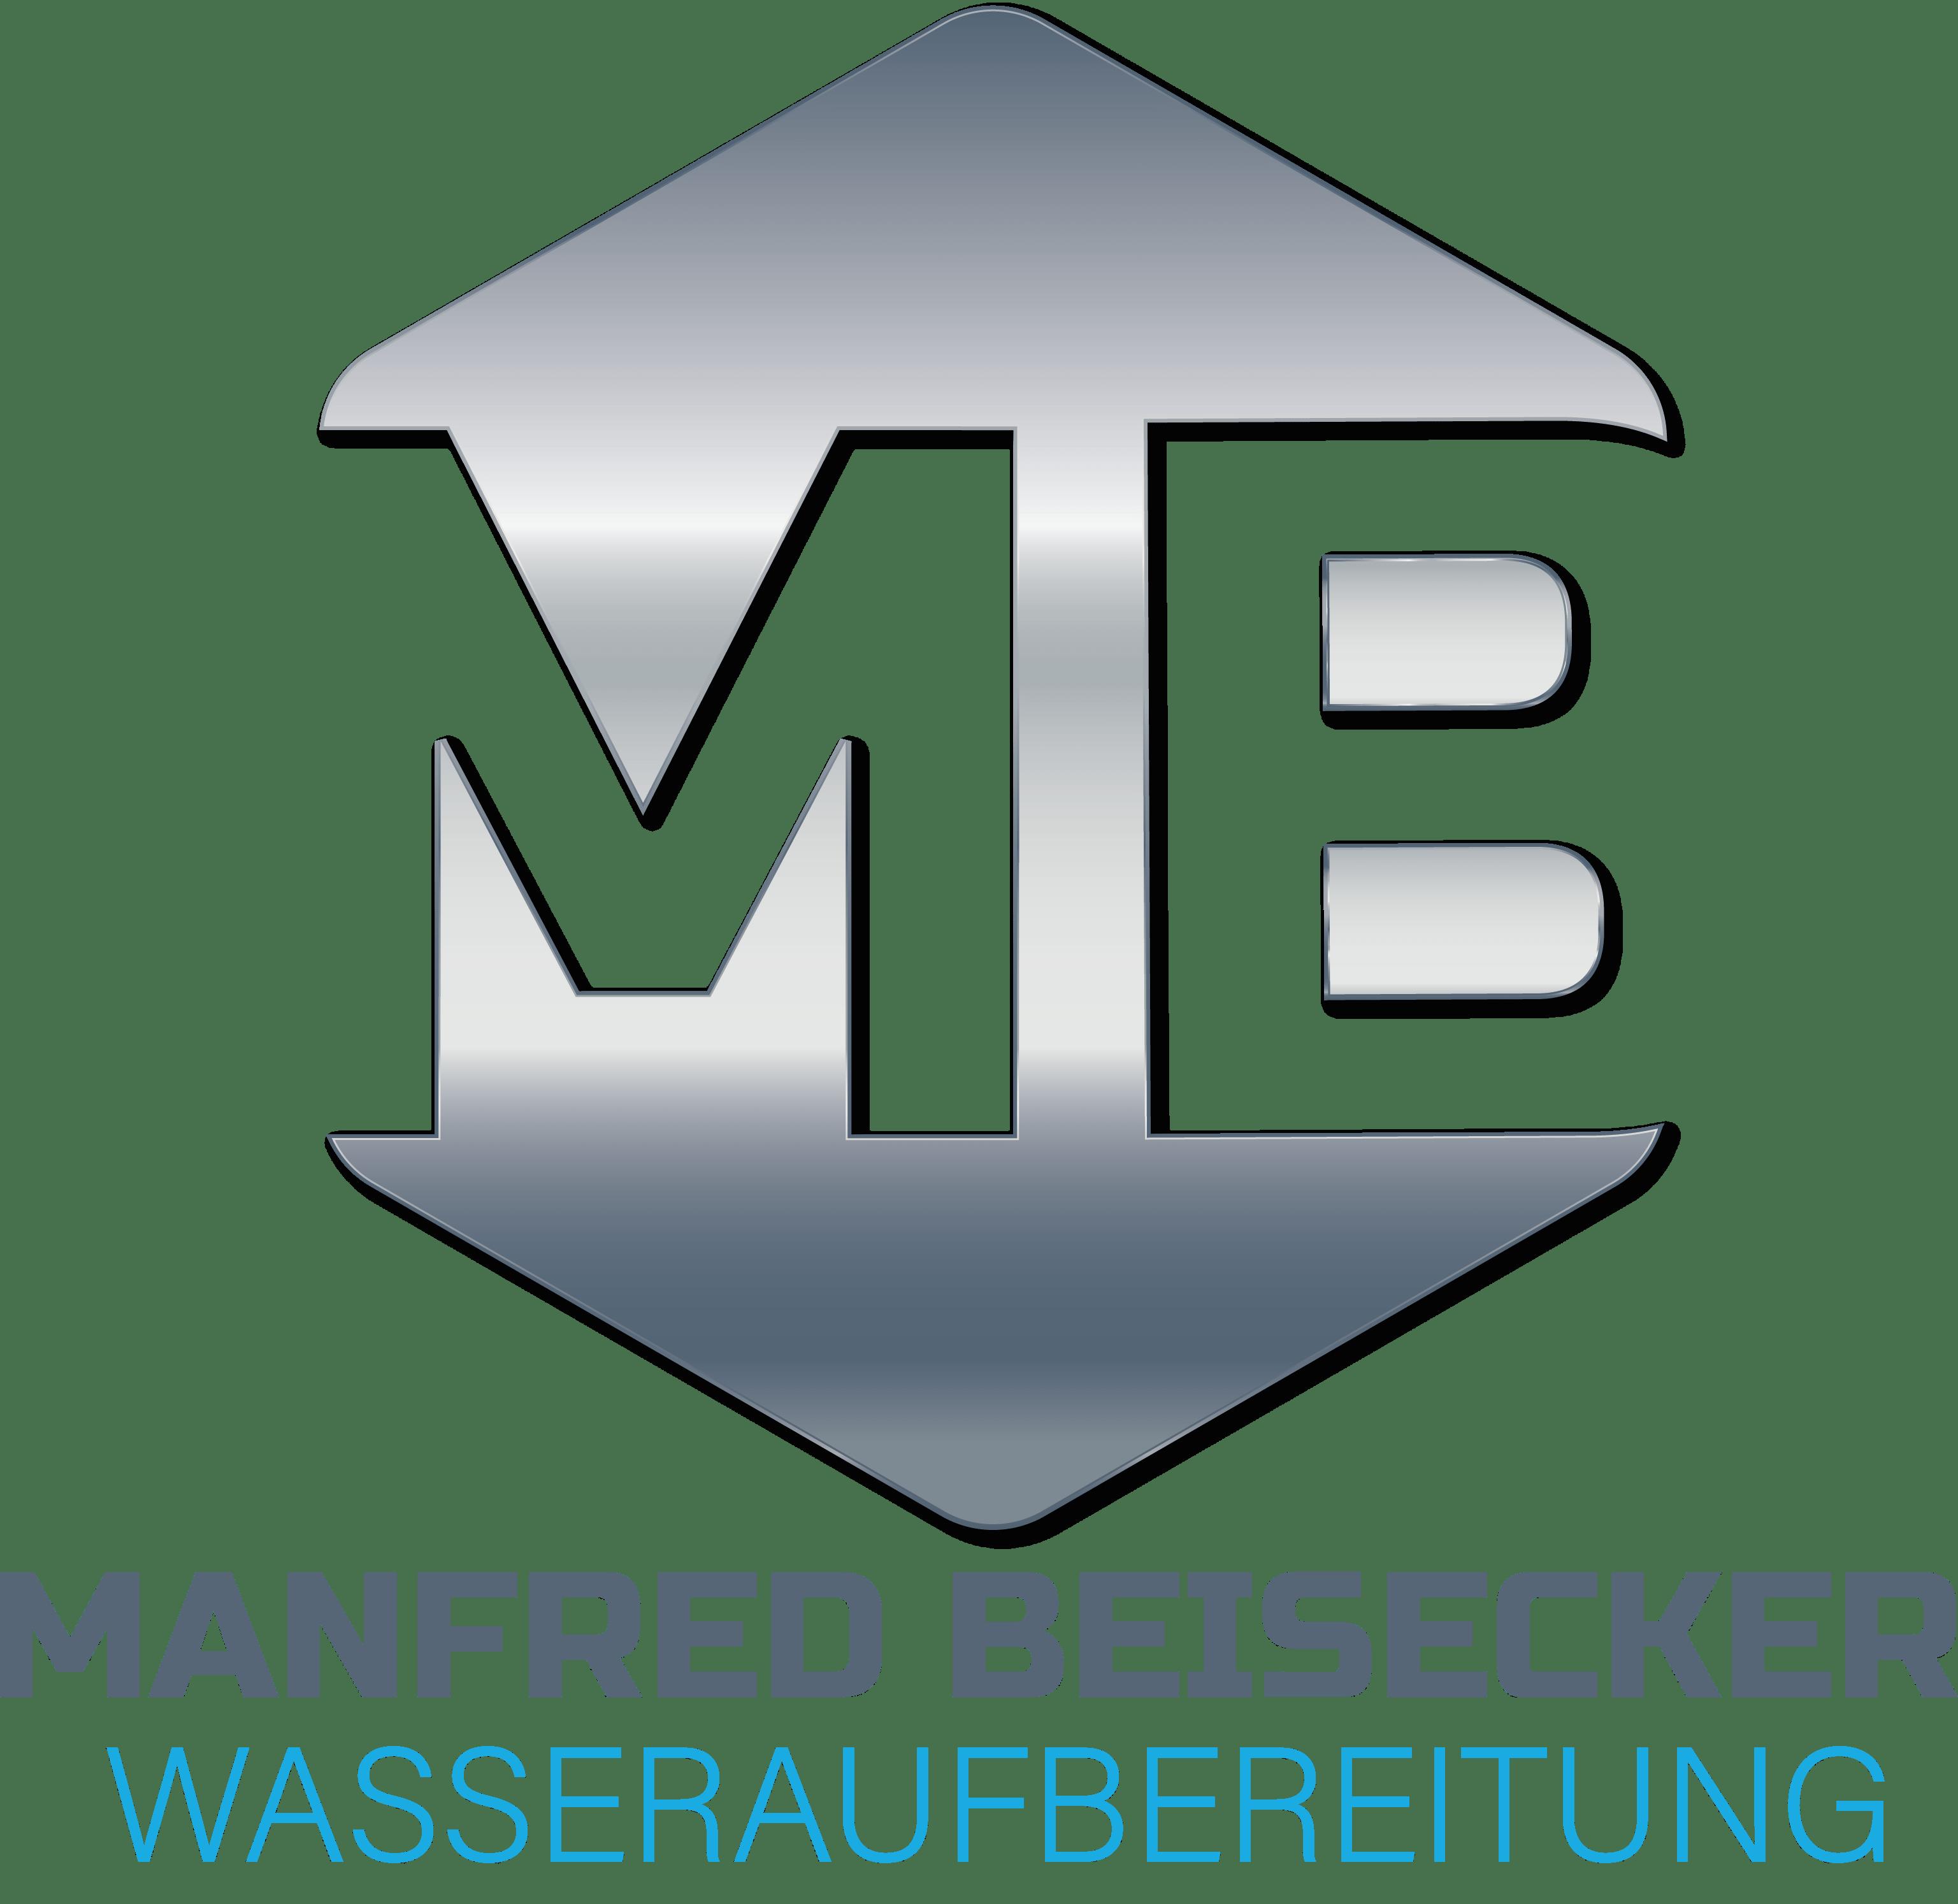 MB-Wasseraufbereitung GmbH